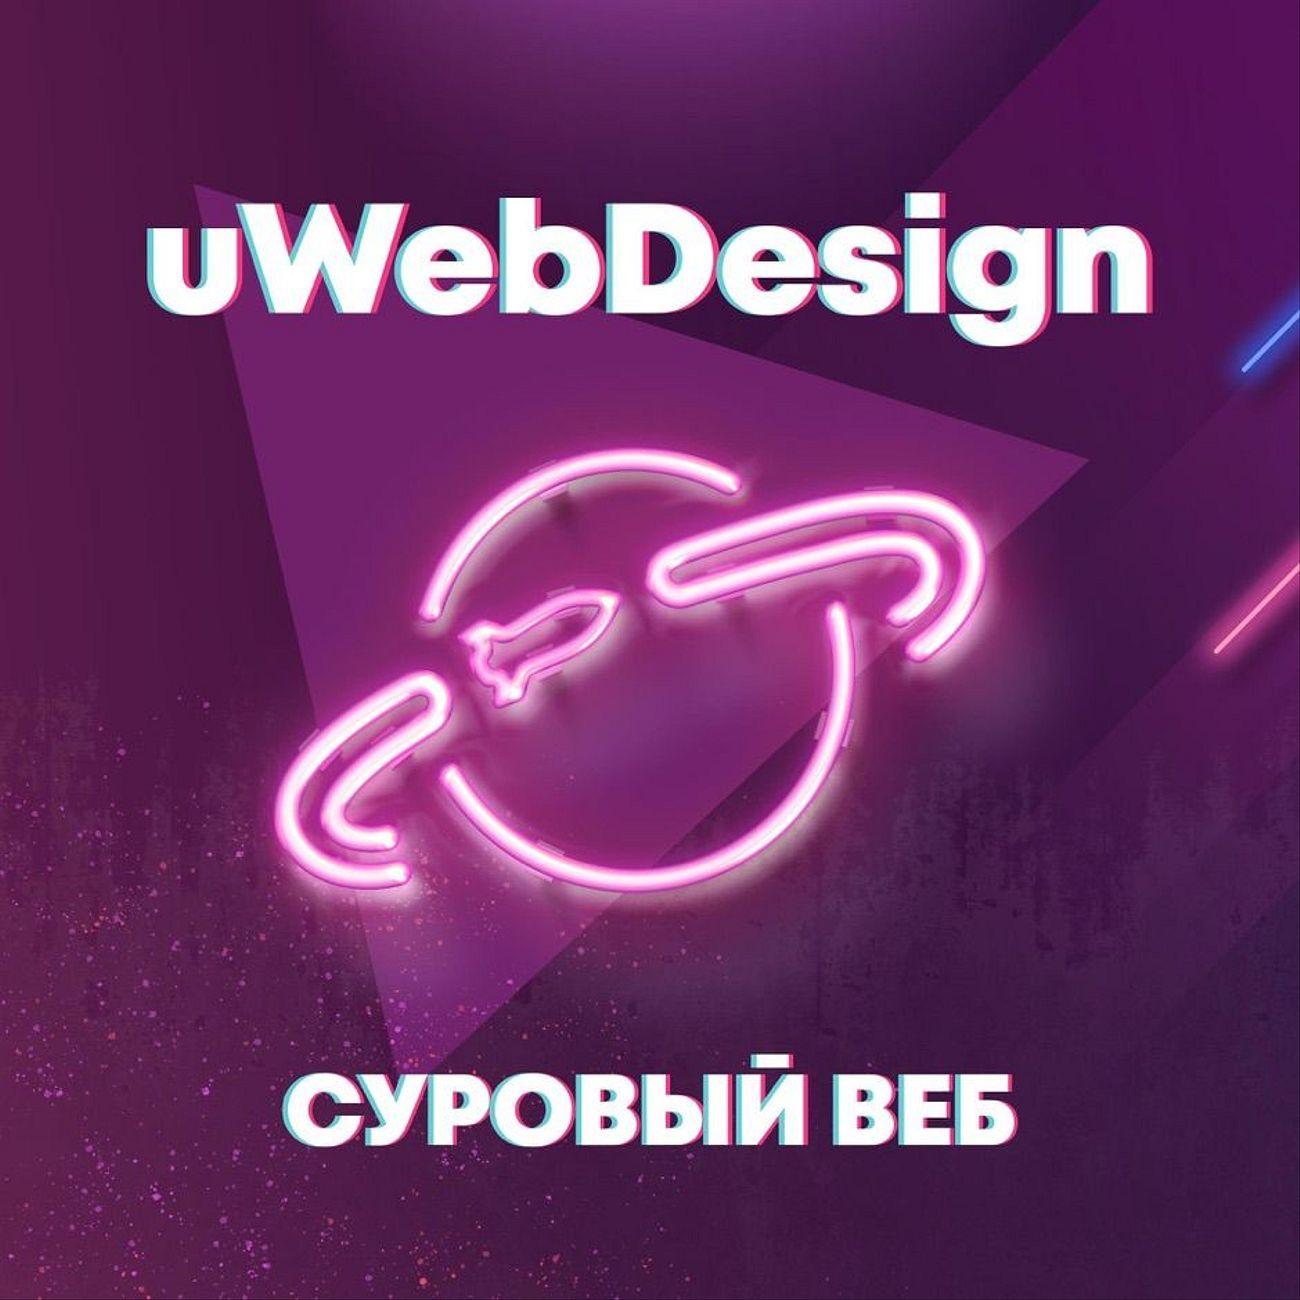 Суровый веб